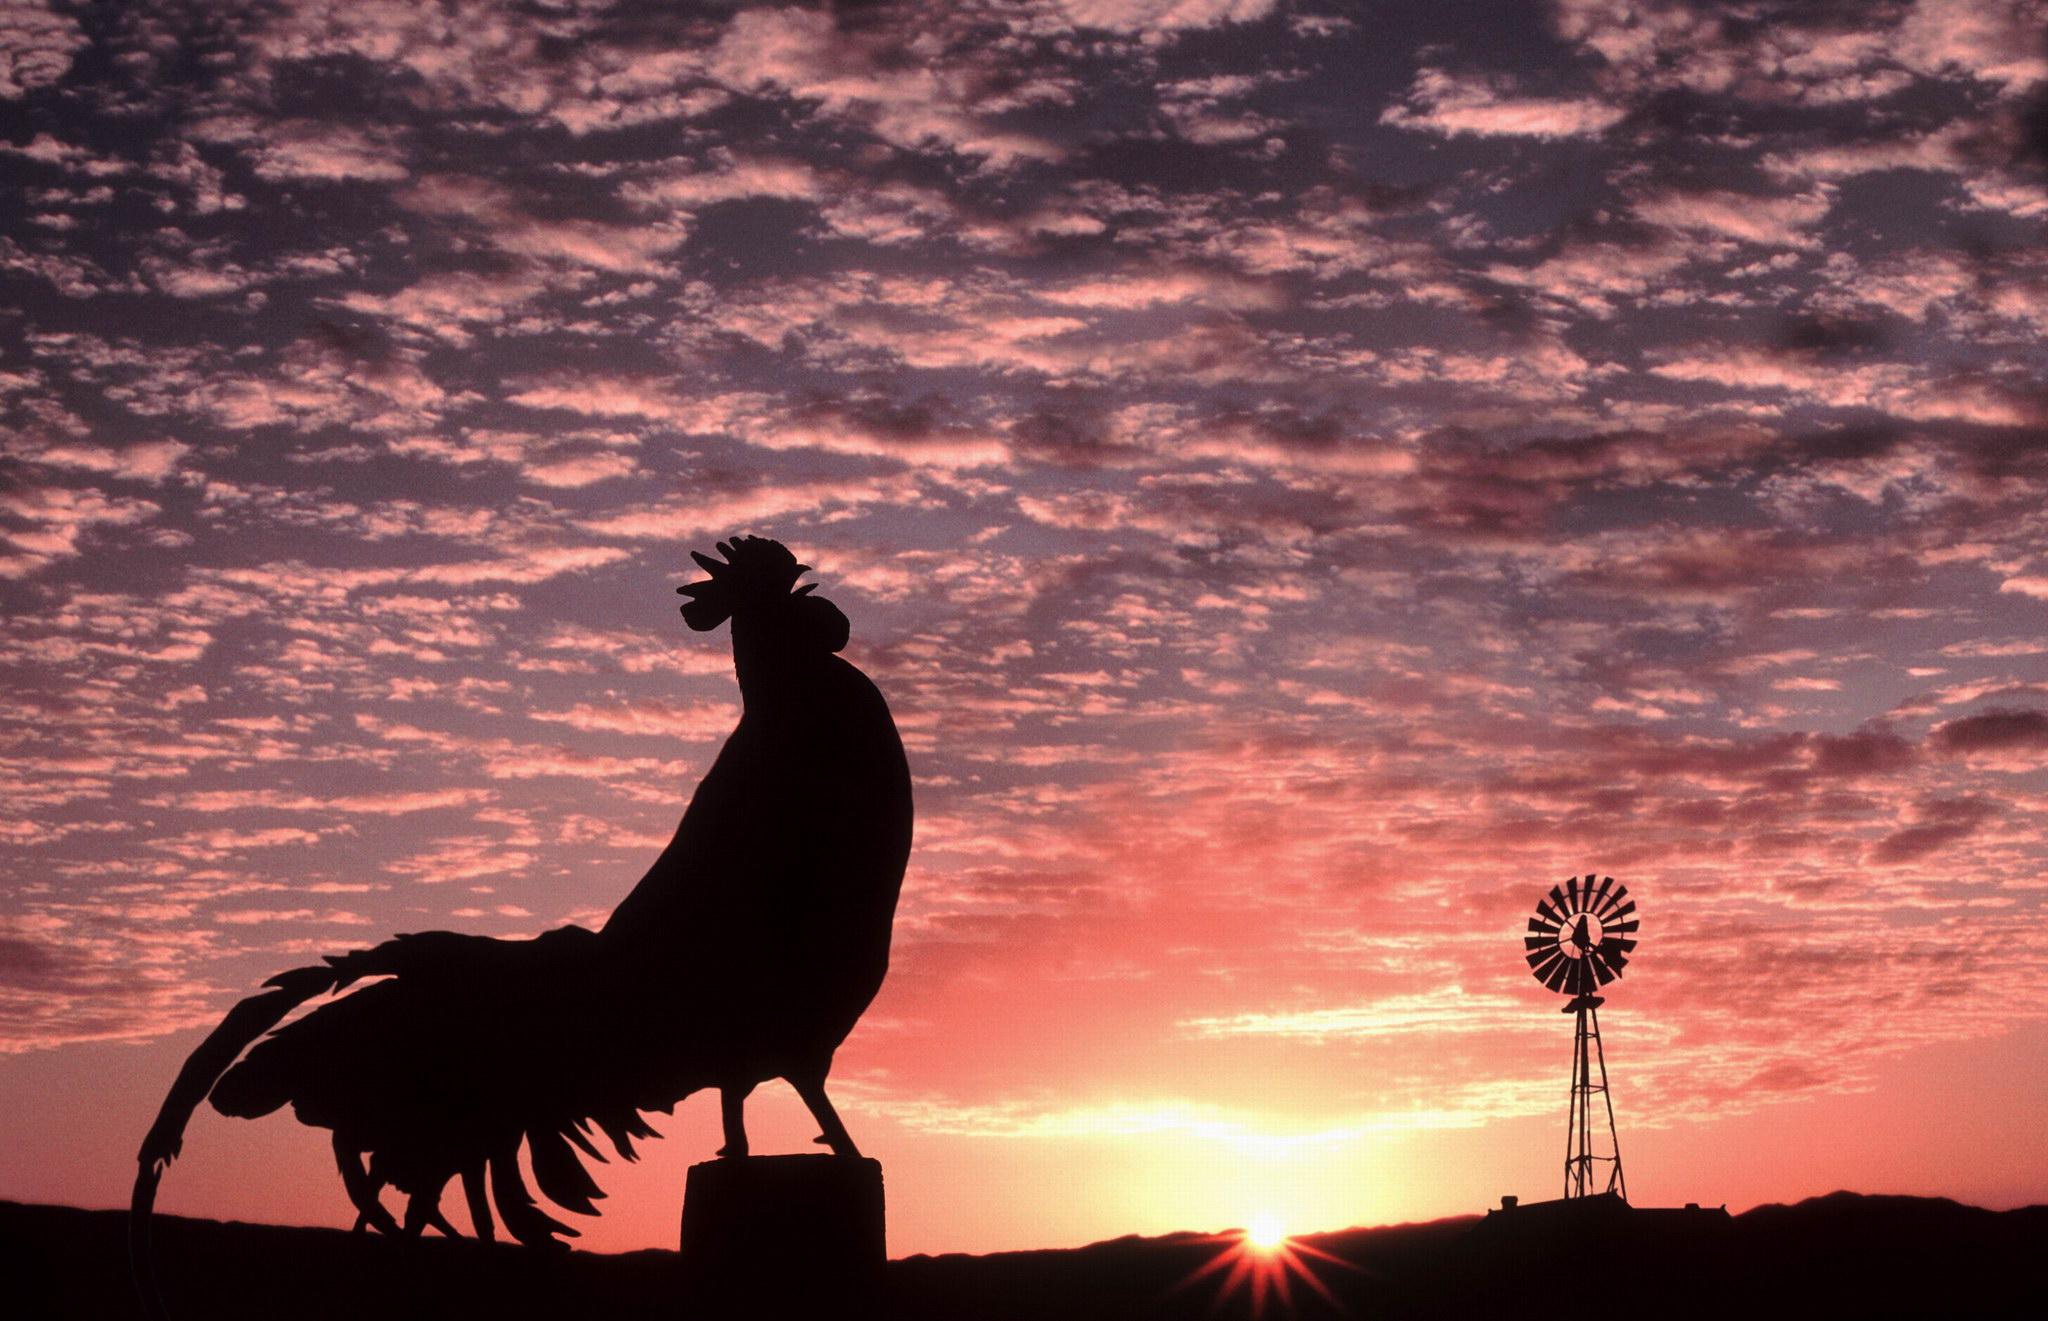 Ini alasan ayam jantan selalu berkokok di pagi hari